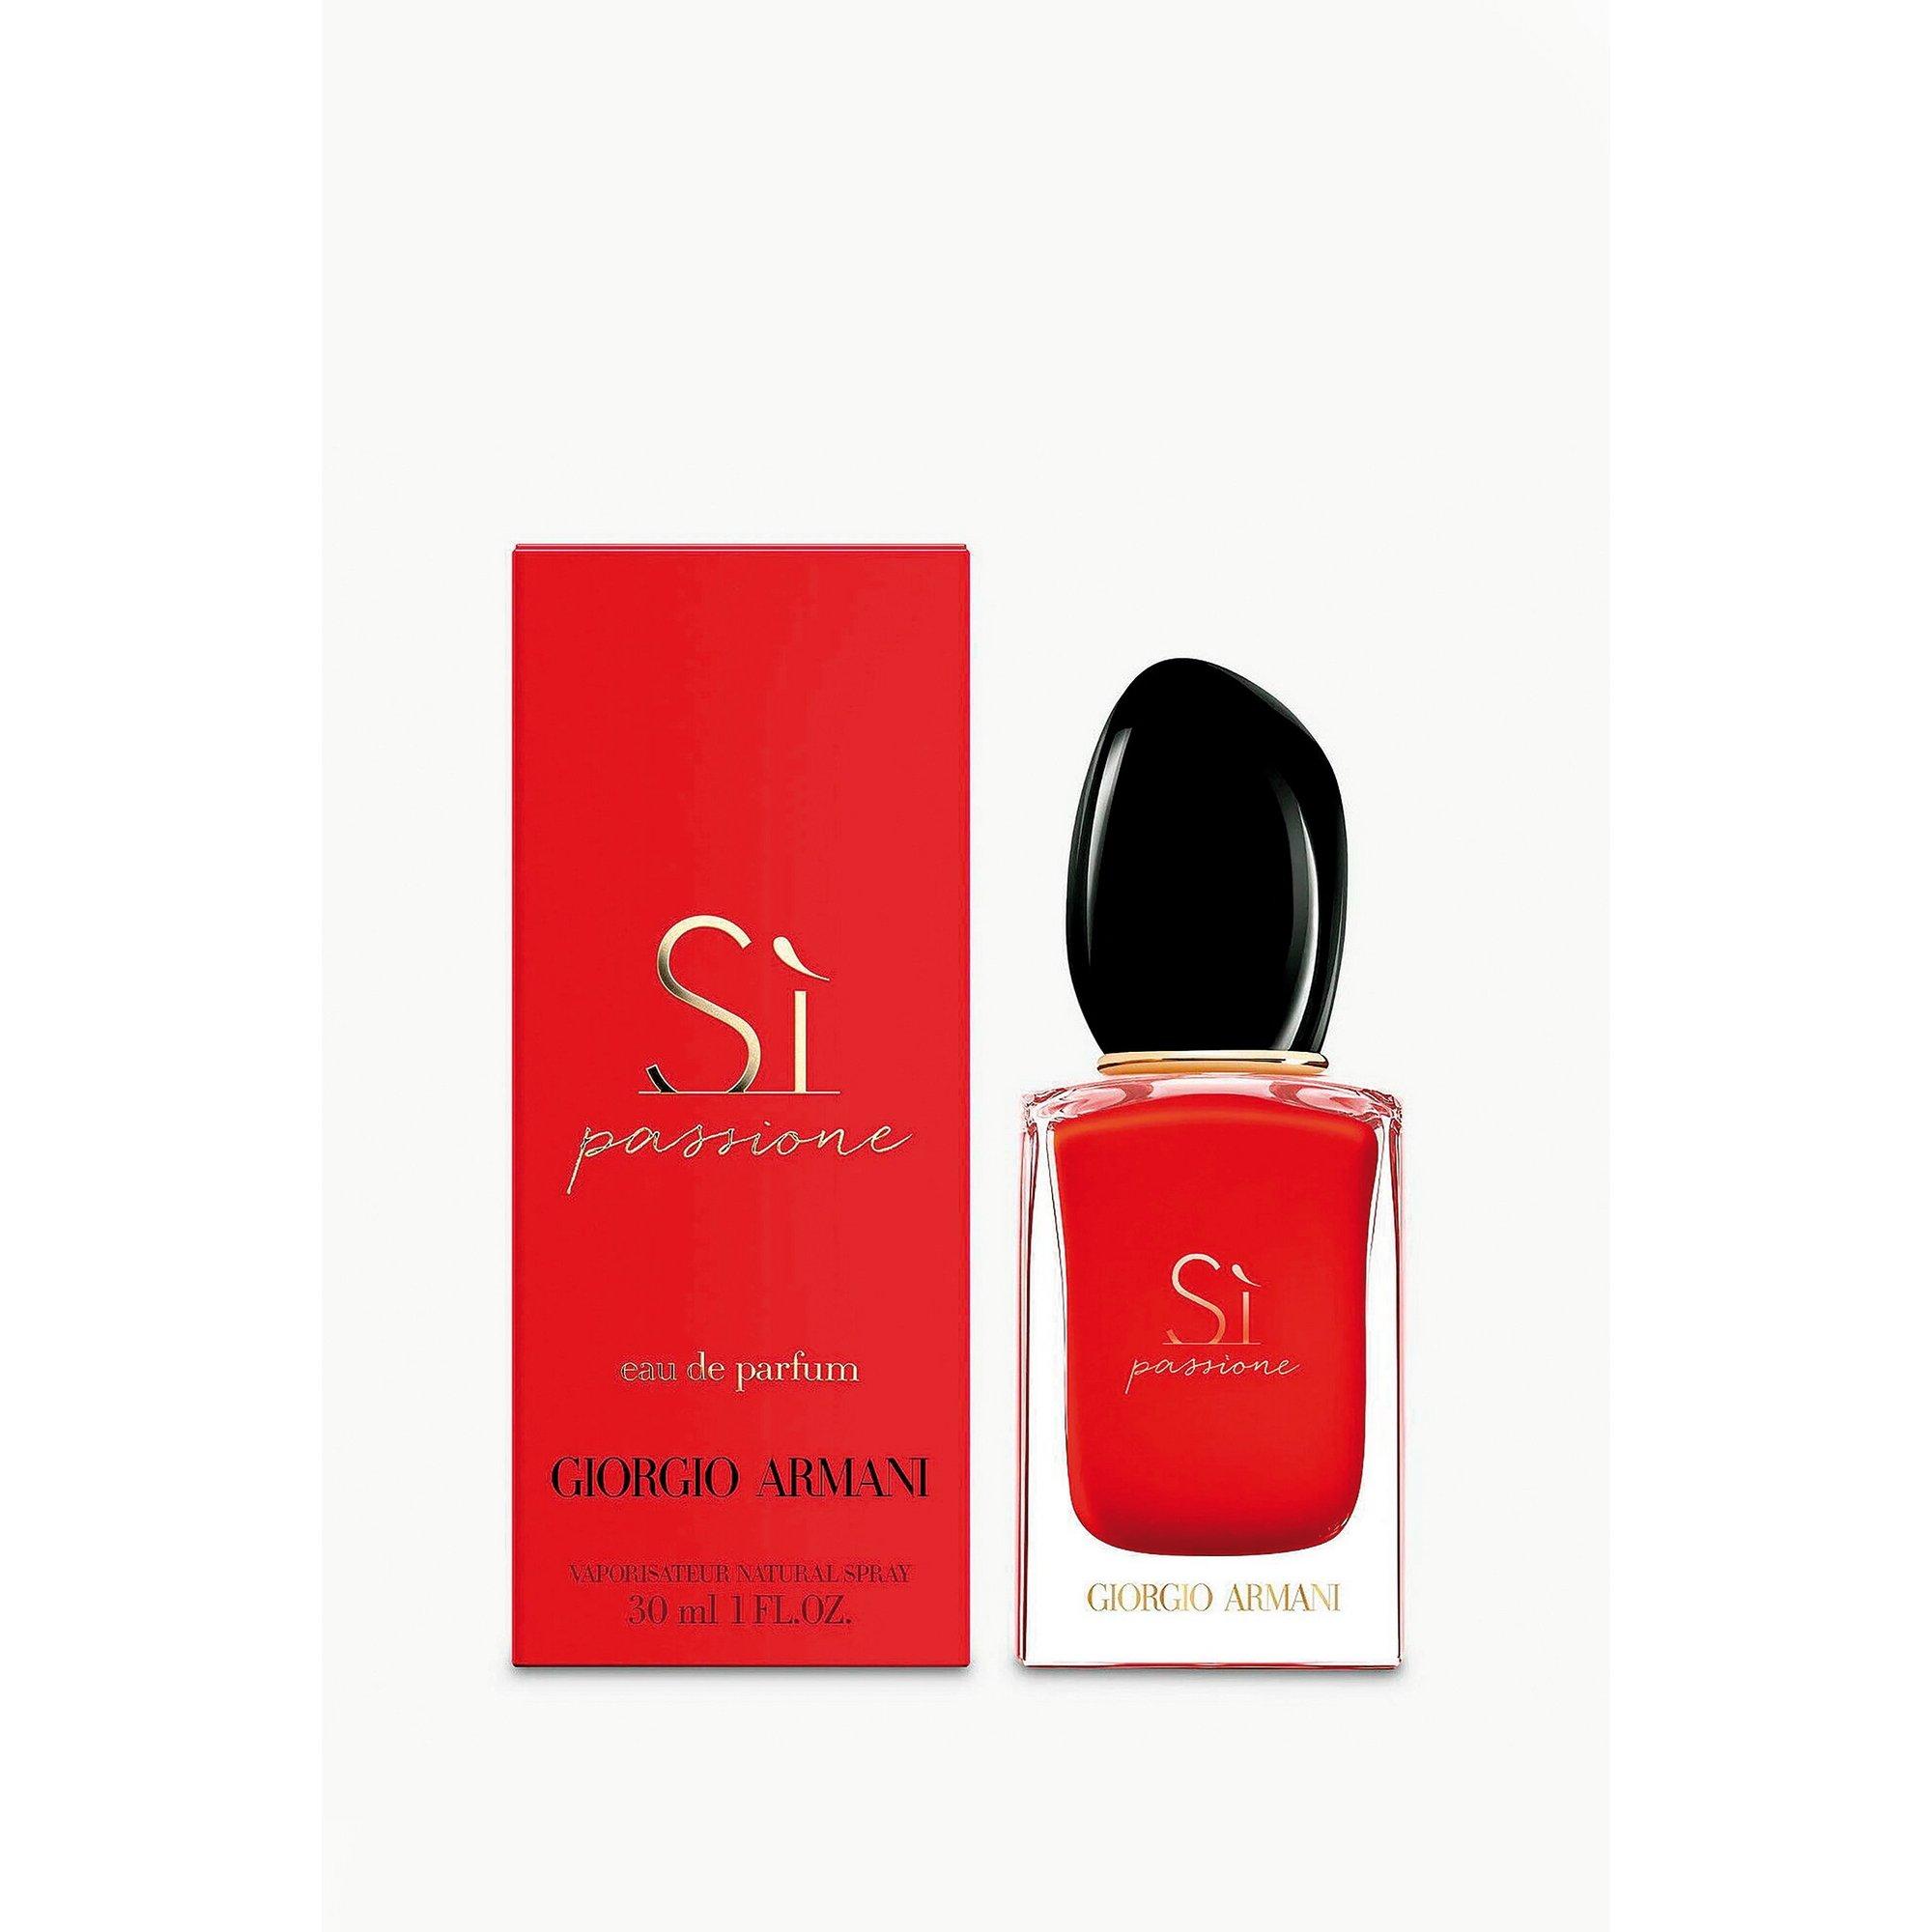 Image of Armani Si Passione 30ml Eau De Parfum